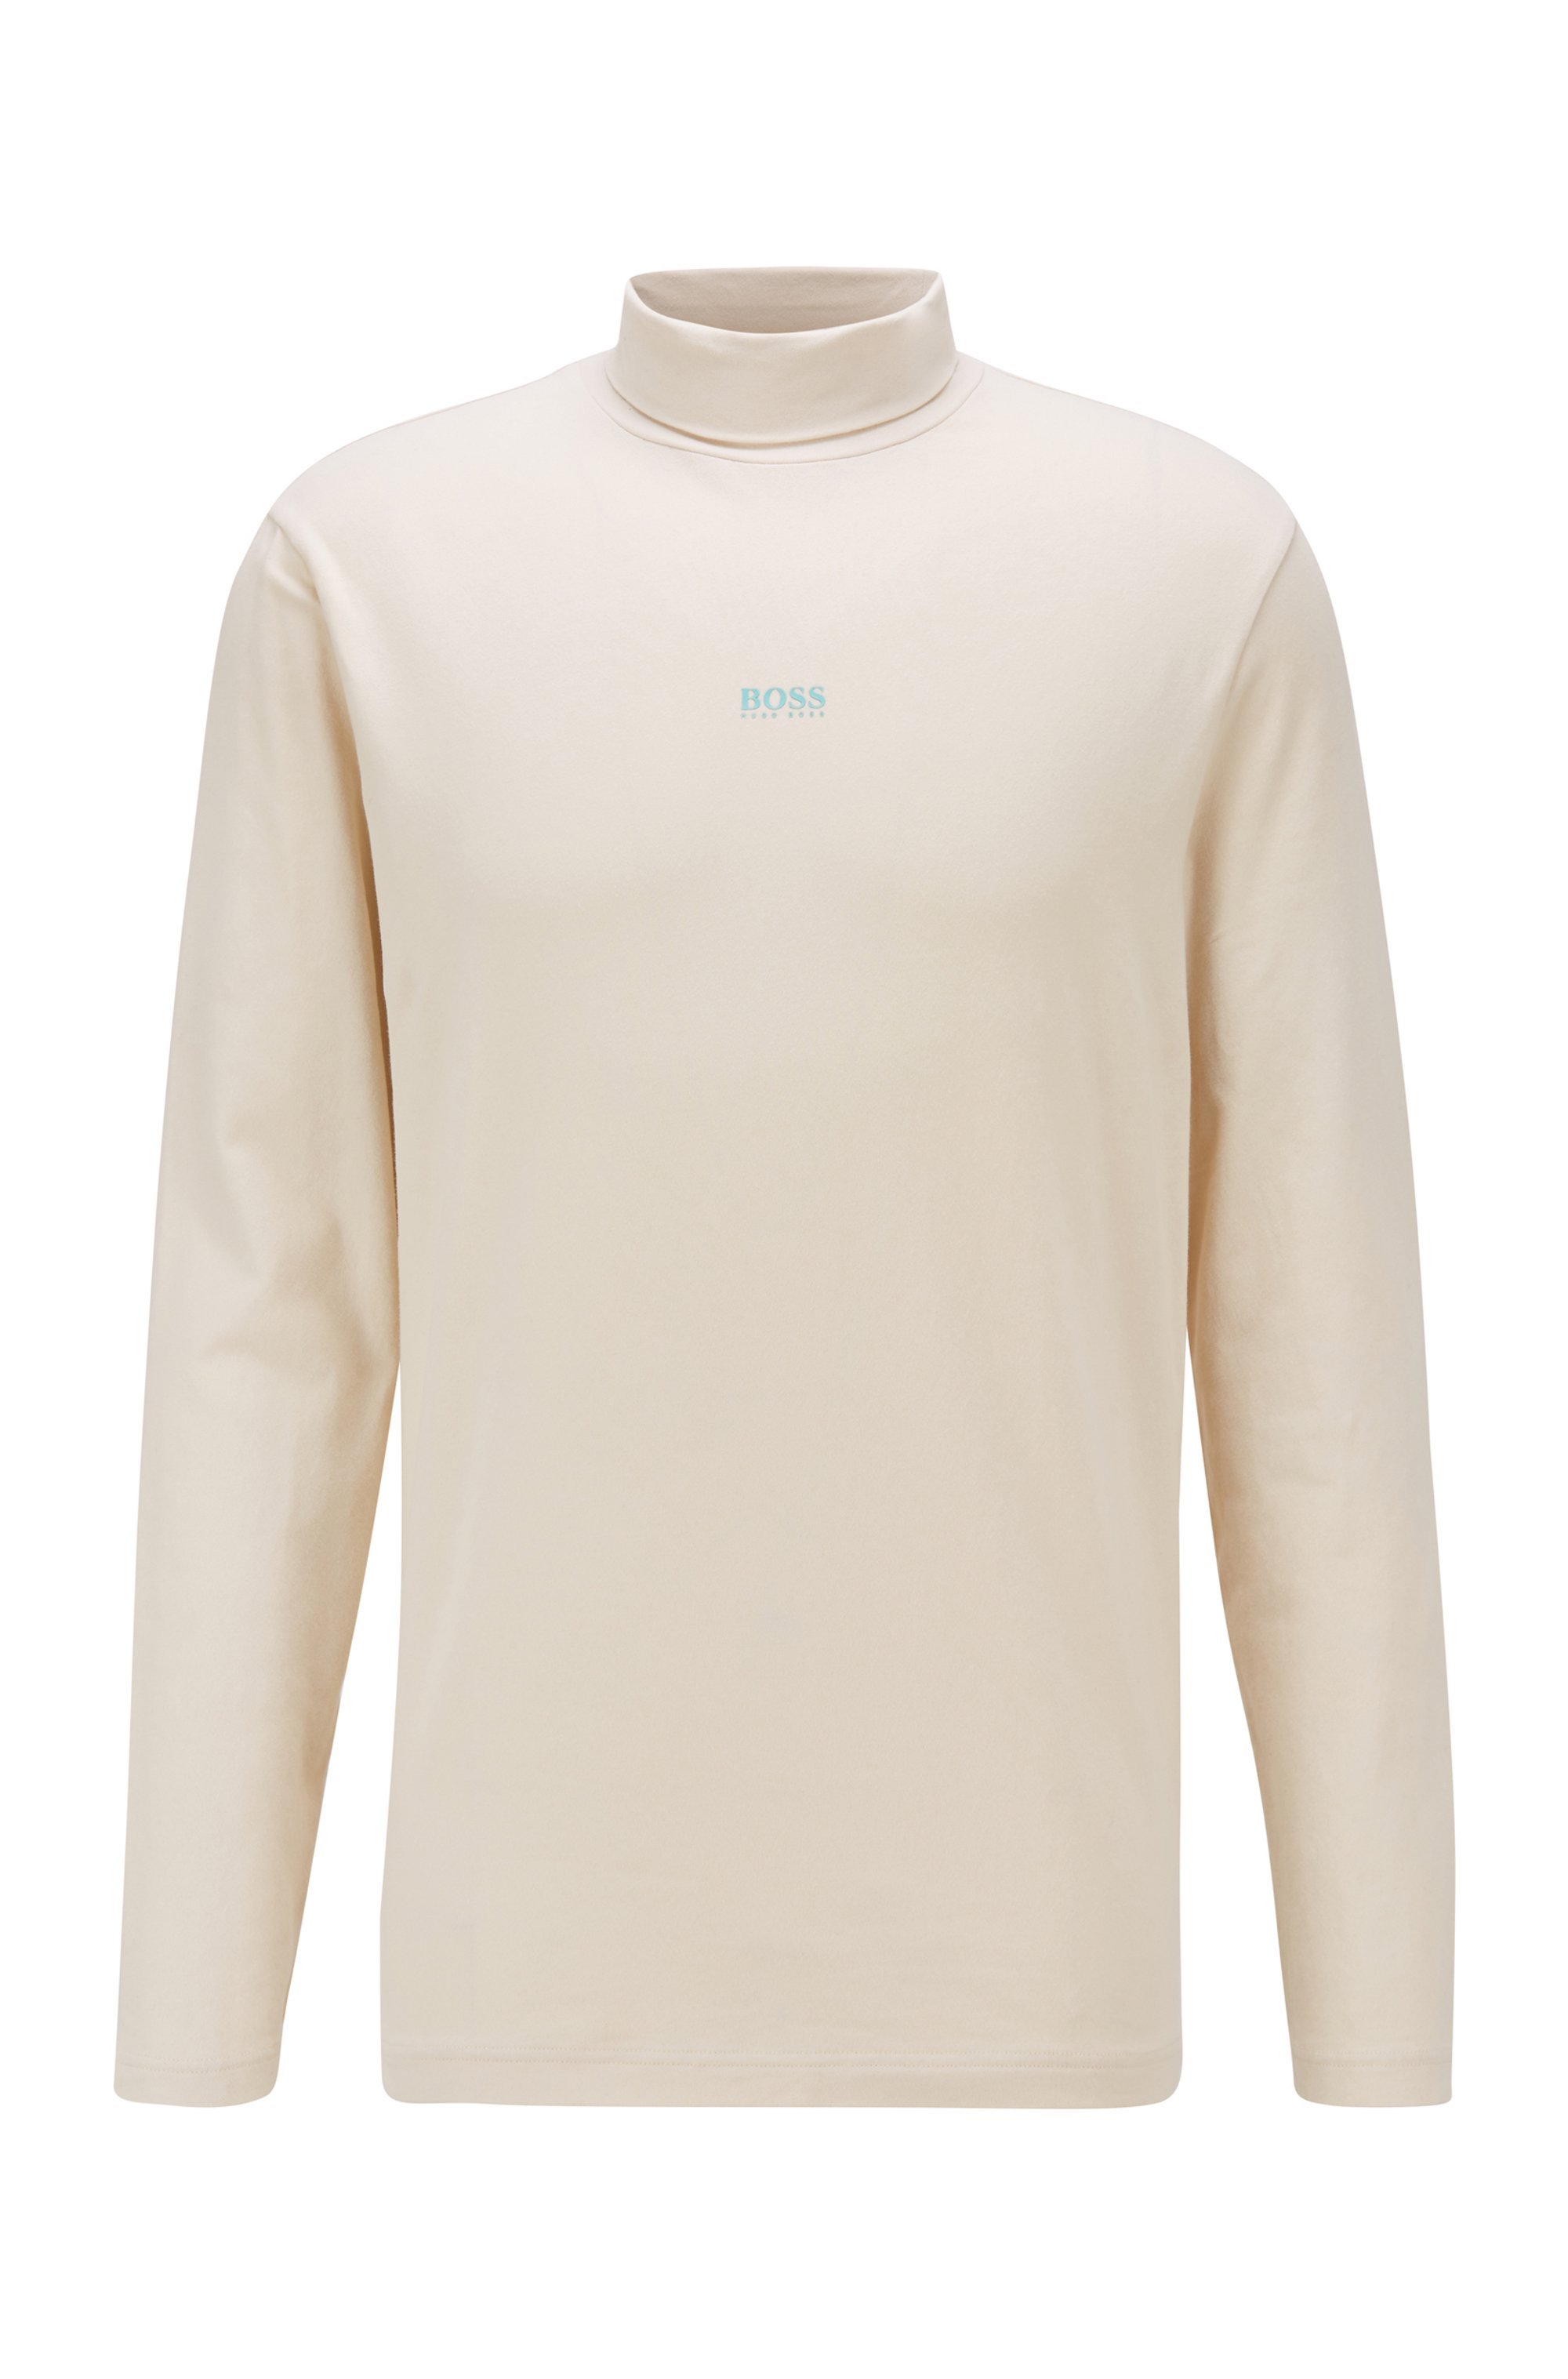 T-shirt à col roulé en coton stretch avec logo gommé, Beige clair